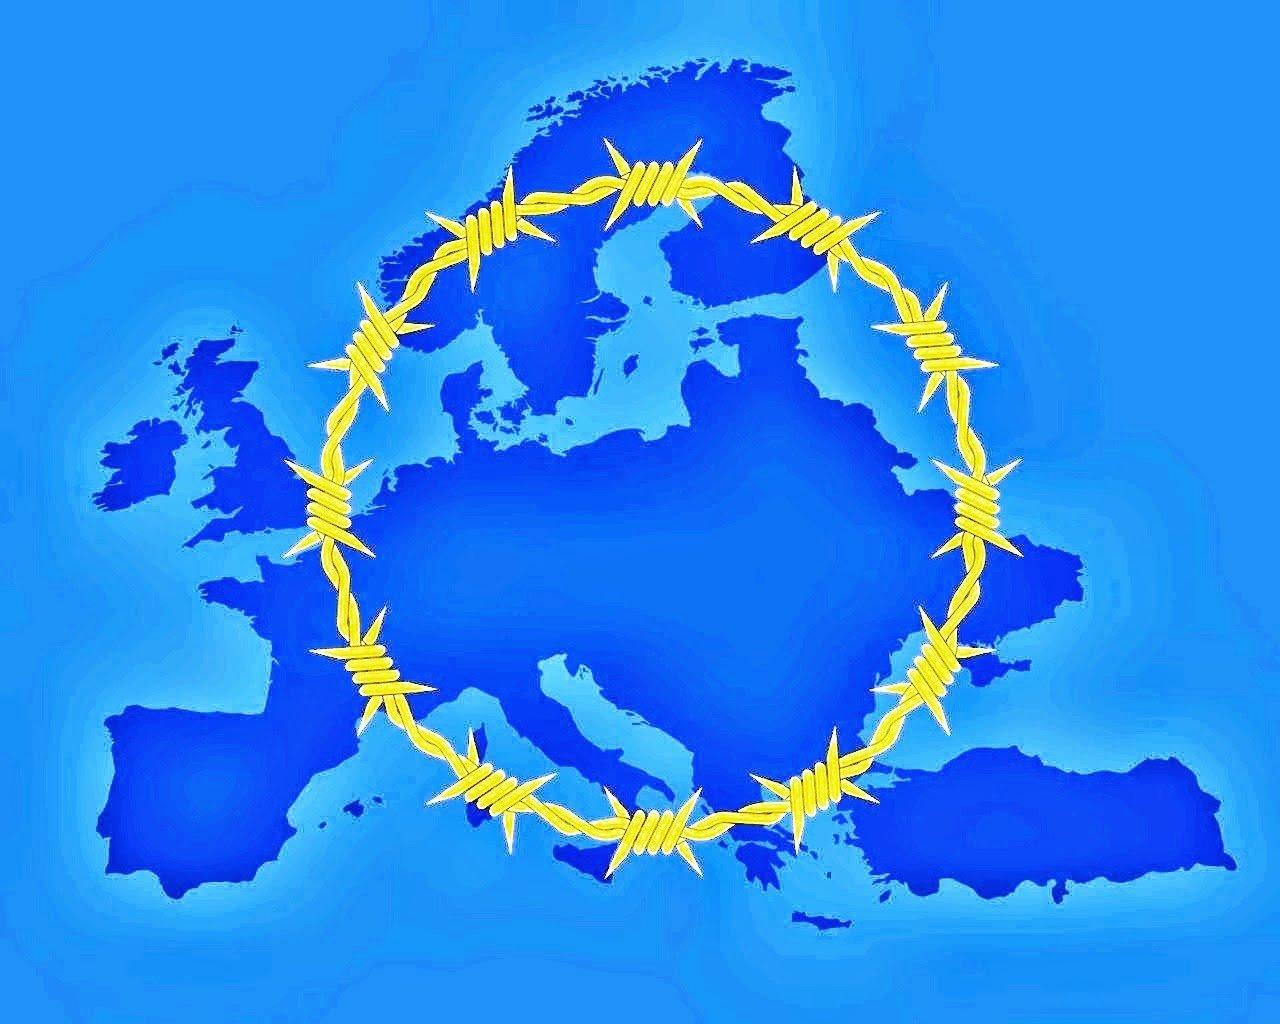 Γεωπολιτική: Η Διατλαντική Ένωση, η μεγάλη απειλή (1)